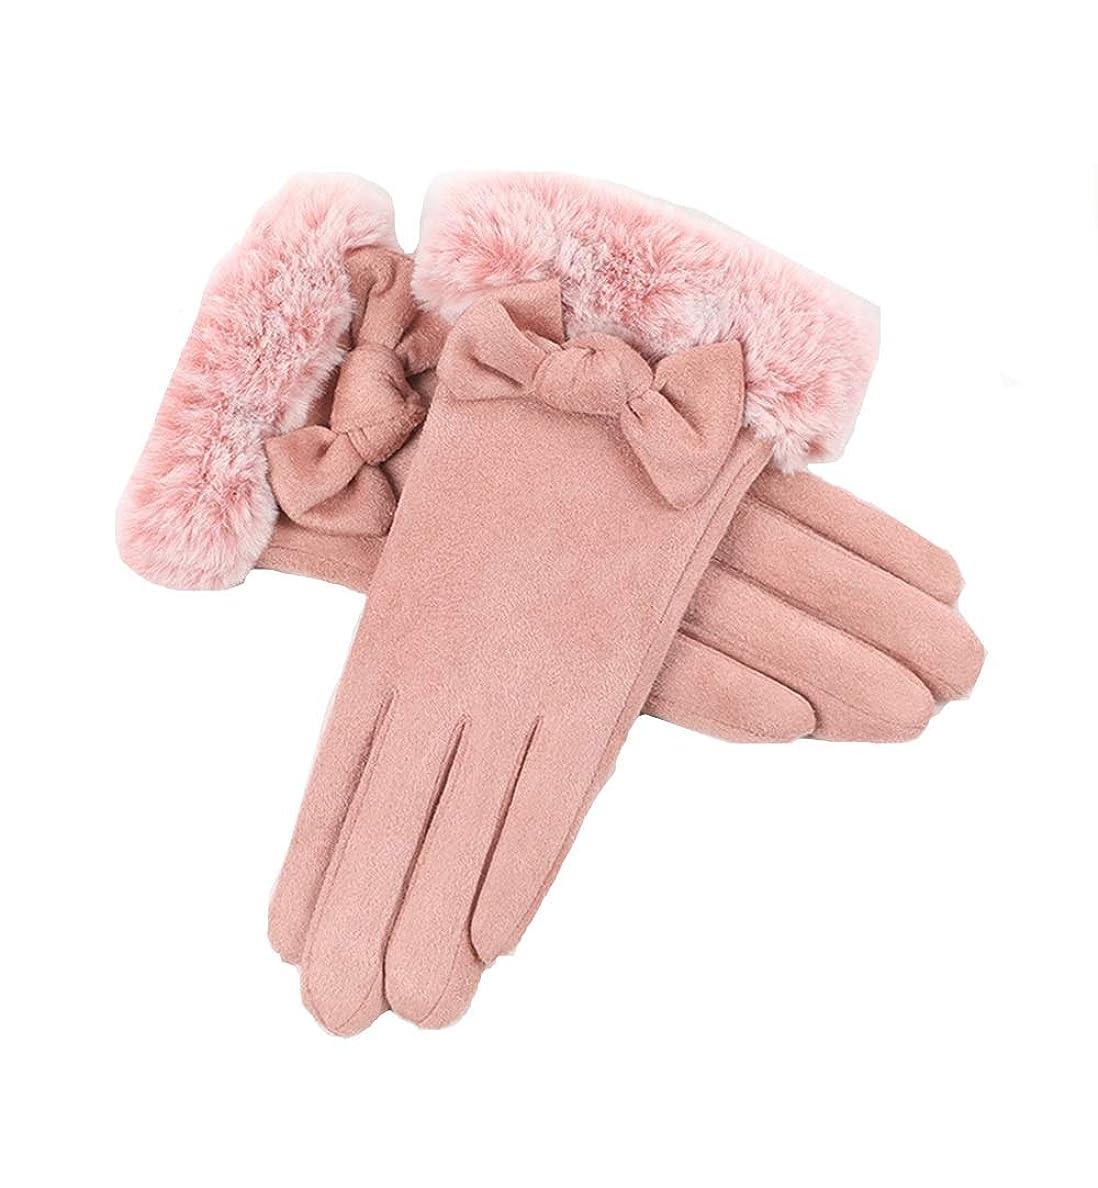 分布腕特異な手袋の女性の秋と冬のスエードプラスベルベットの厚手の手袋暖かいタッチスクリーン寒さと防風屋外の運転手袋